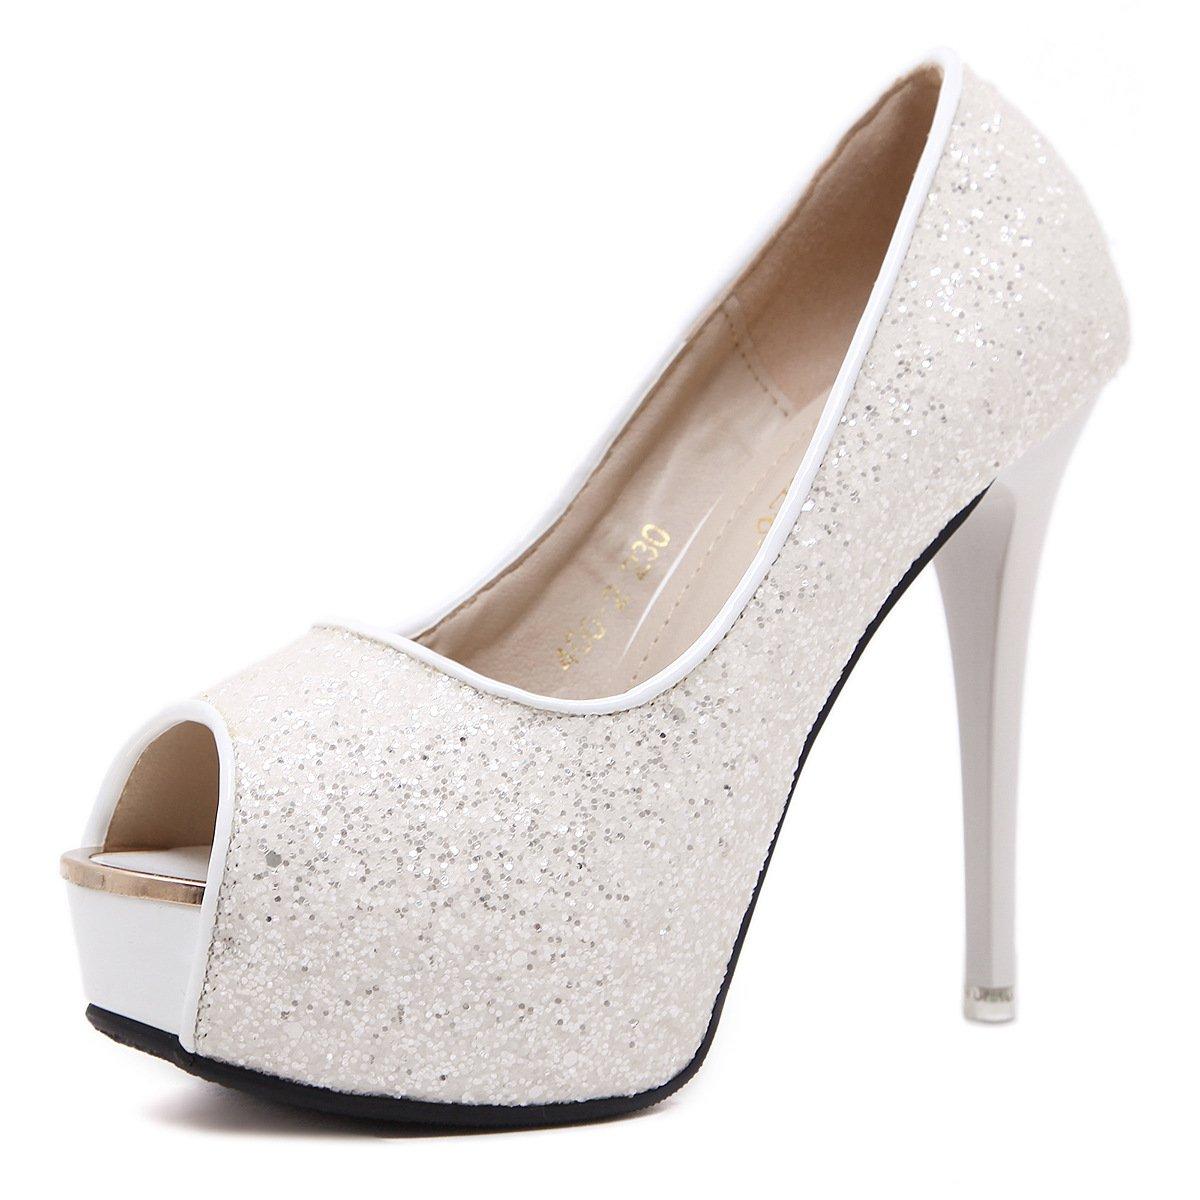 ZHZNVX Frühling Frühling Frühling und Sommer neue Sandale Super High Heel 12 cm Pailletten Schuhe wilde reine Farbe fein mit Fisch Mund Schuhe High Heels weiblich 2a8d1a